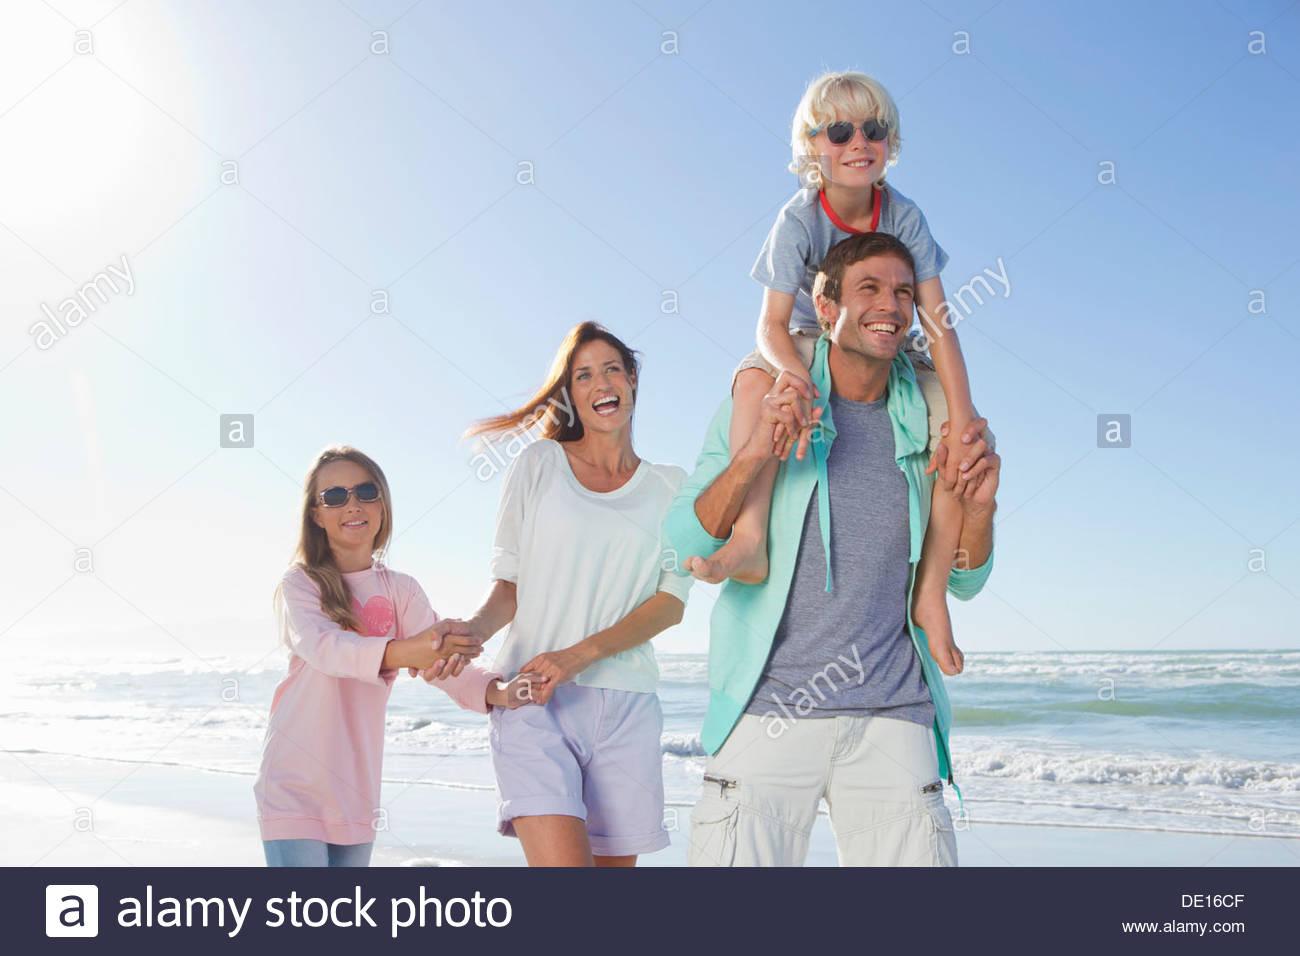 Happy family on sunny beach - Stock Image